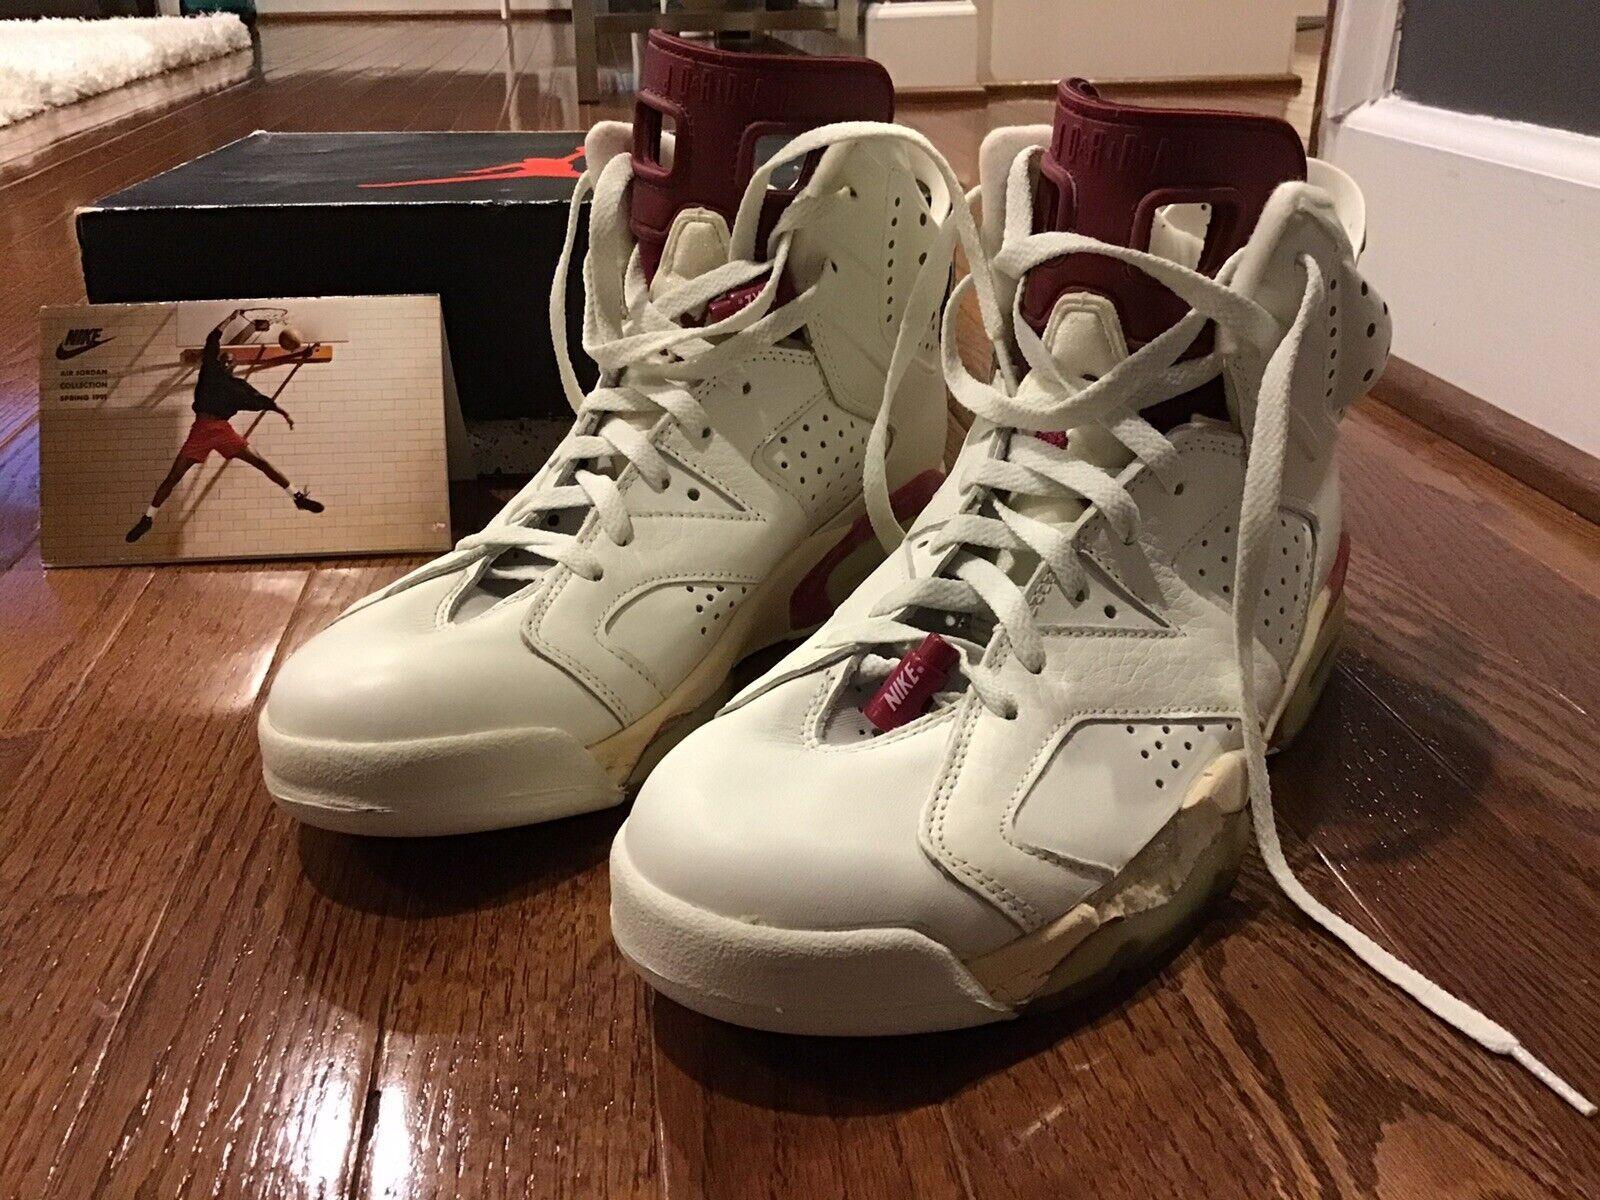 Air Jordan 6 Maroon Size 10 Men 1991 ORIGINAL NEW   RARE FIND